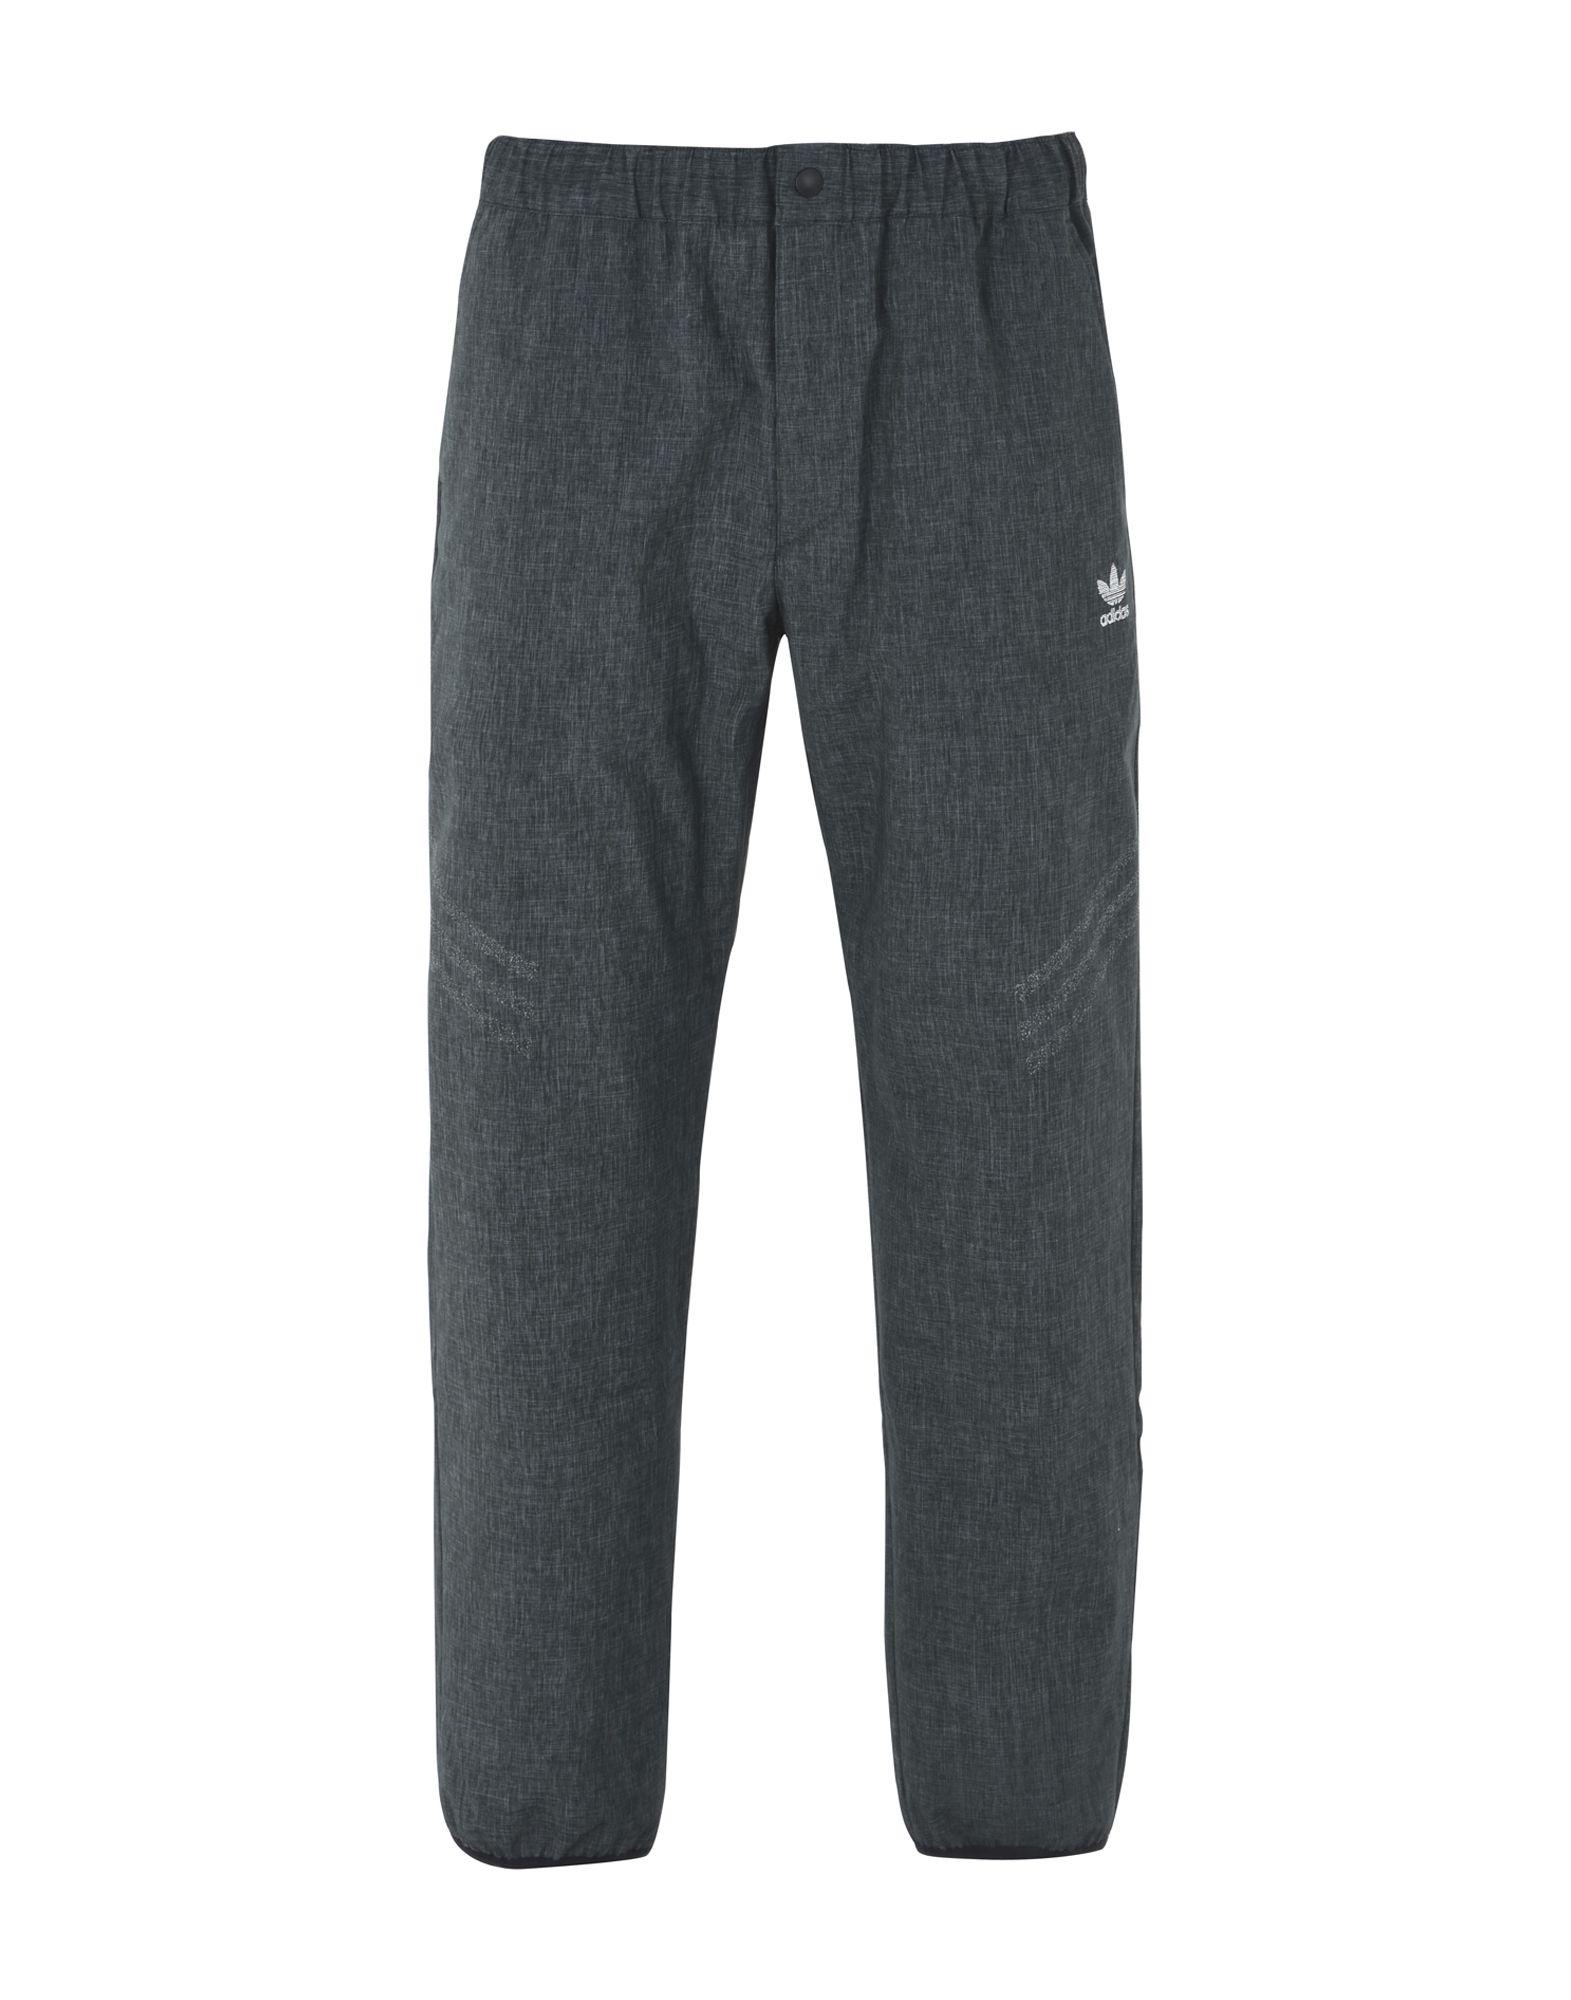 Pantalone Adidas Originals By United Arrows & Sons Uas Urban Track Pants - Uomo - Acquista online su